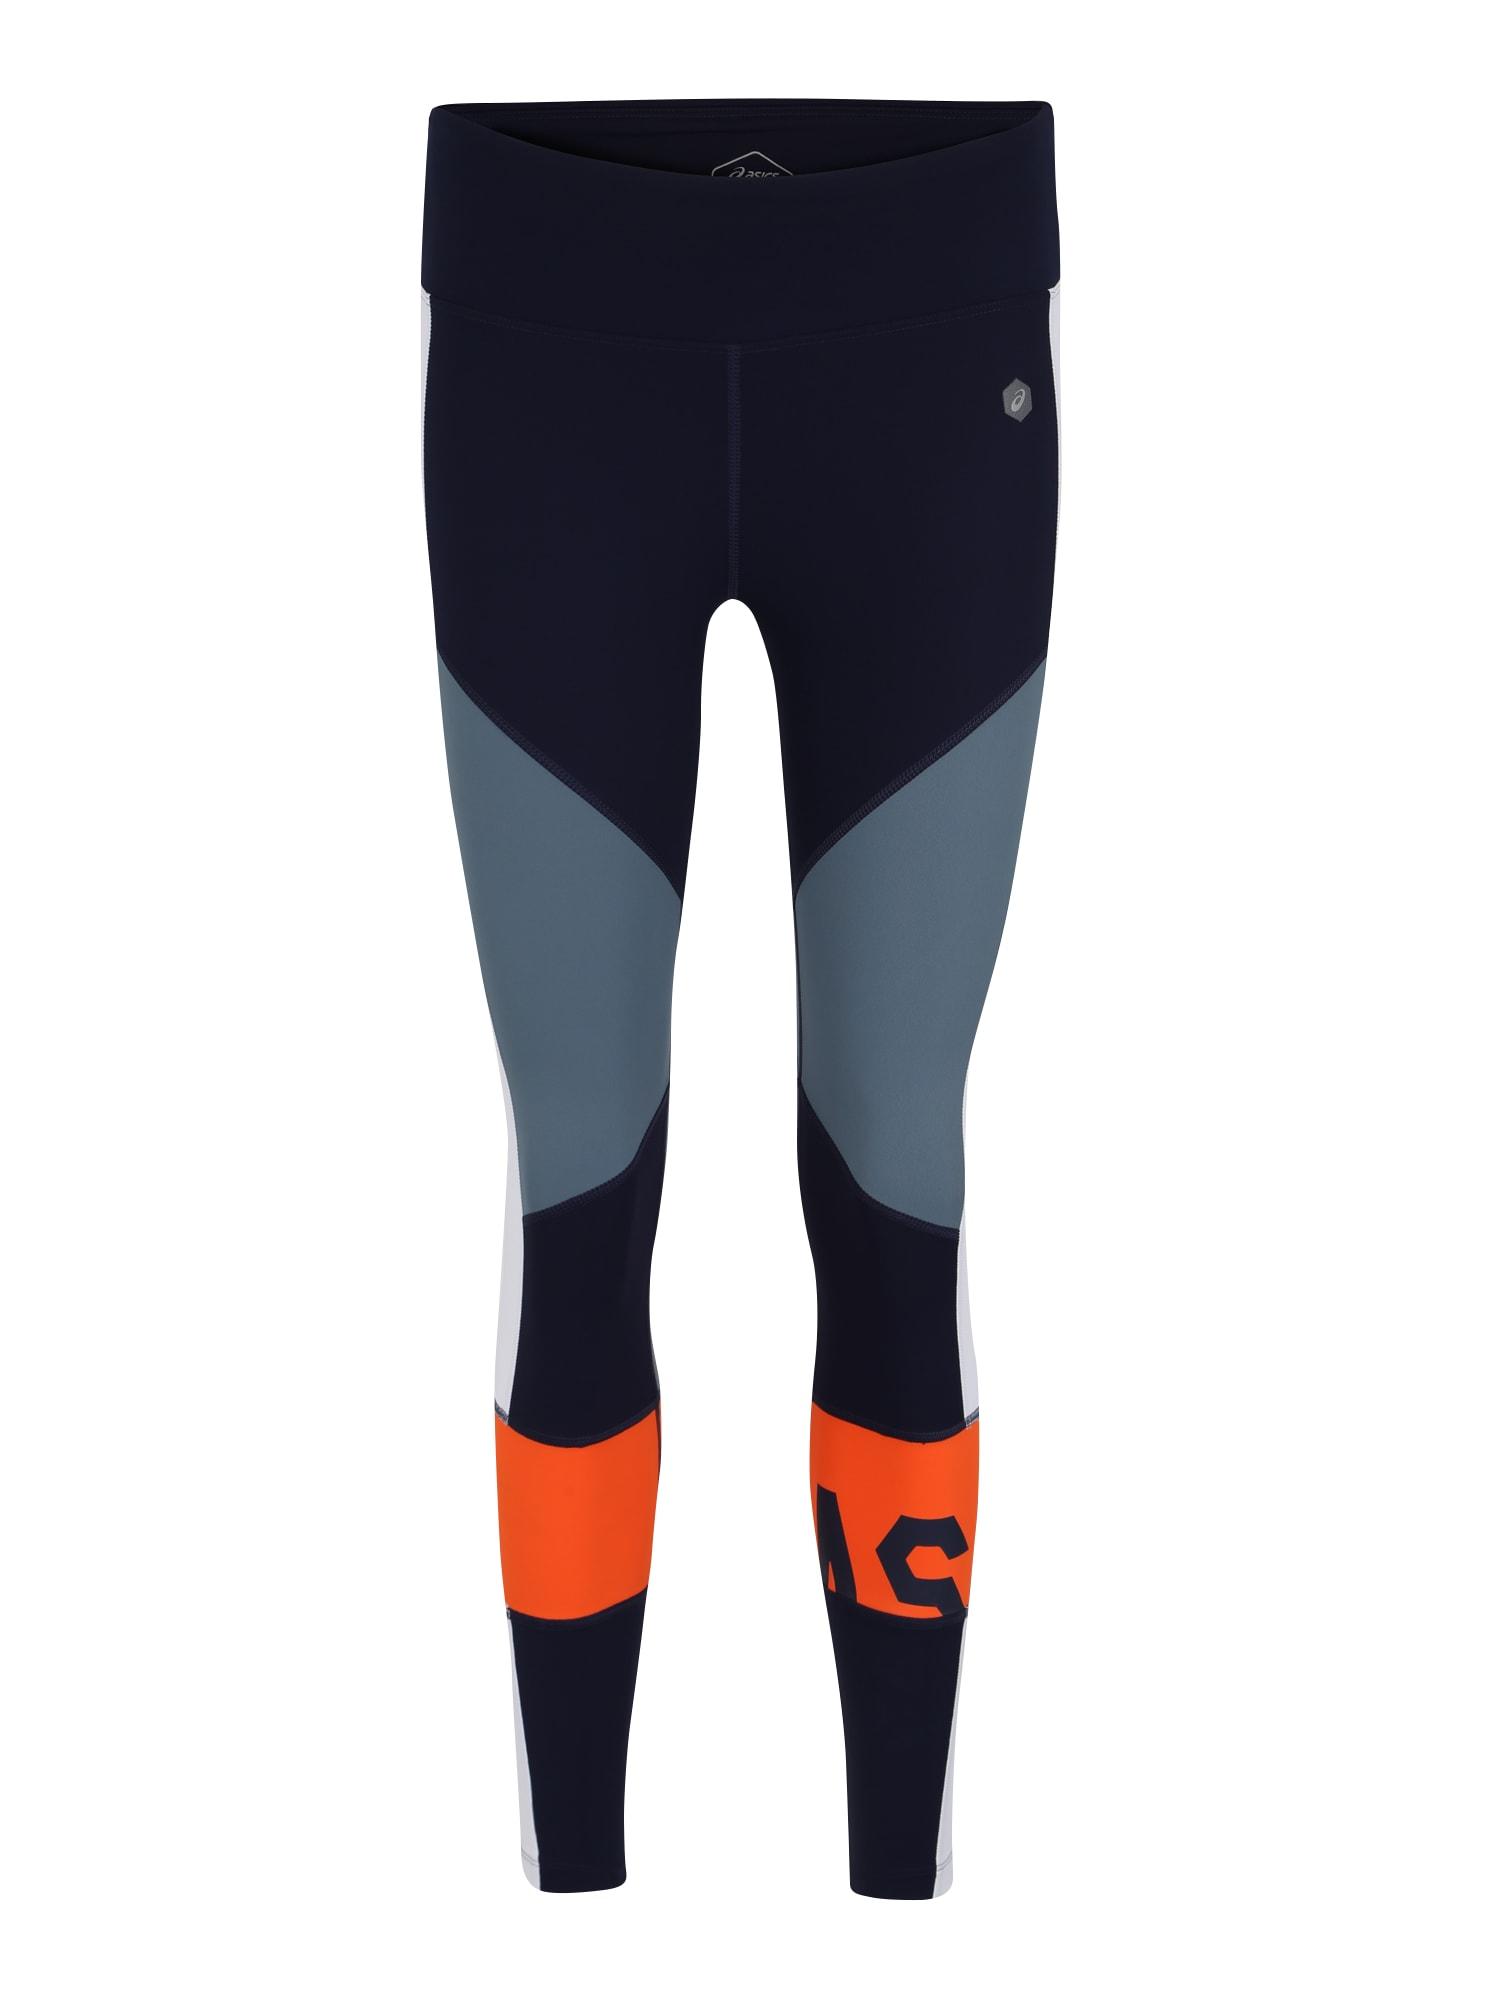 Sportovní kalhoty modrá šedá oranžová ASICS